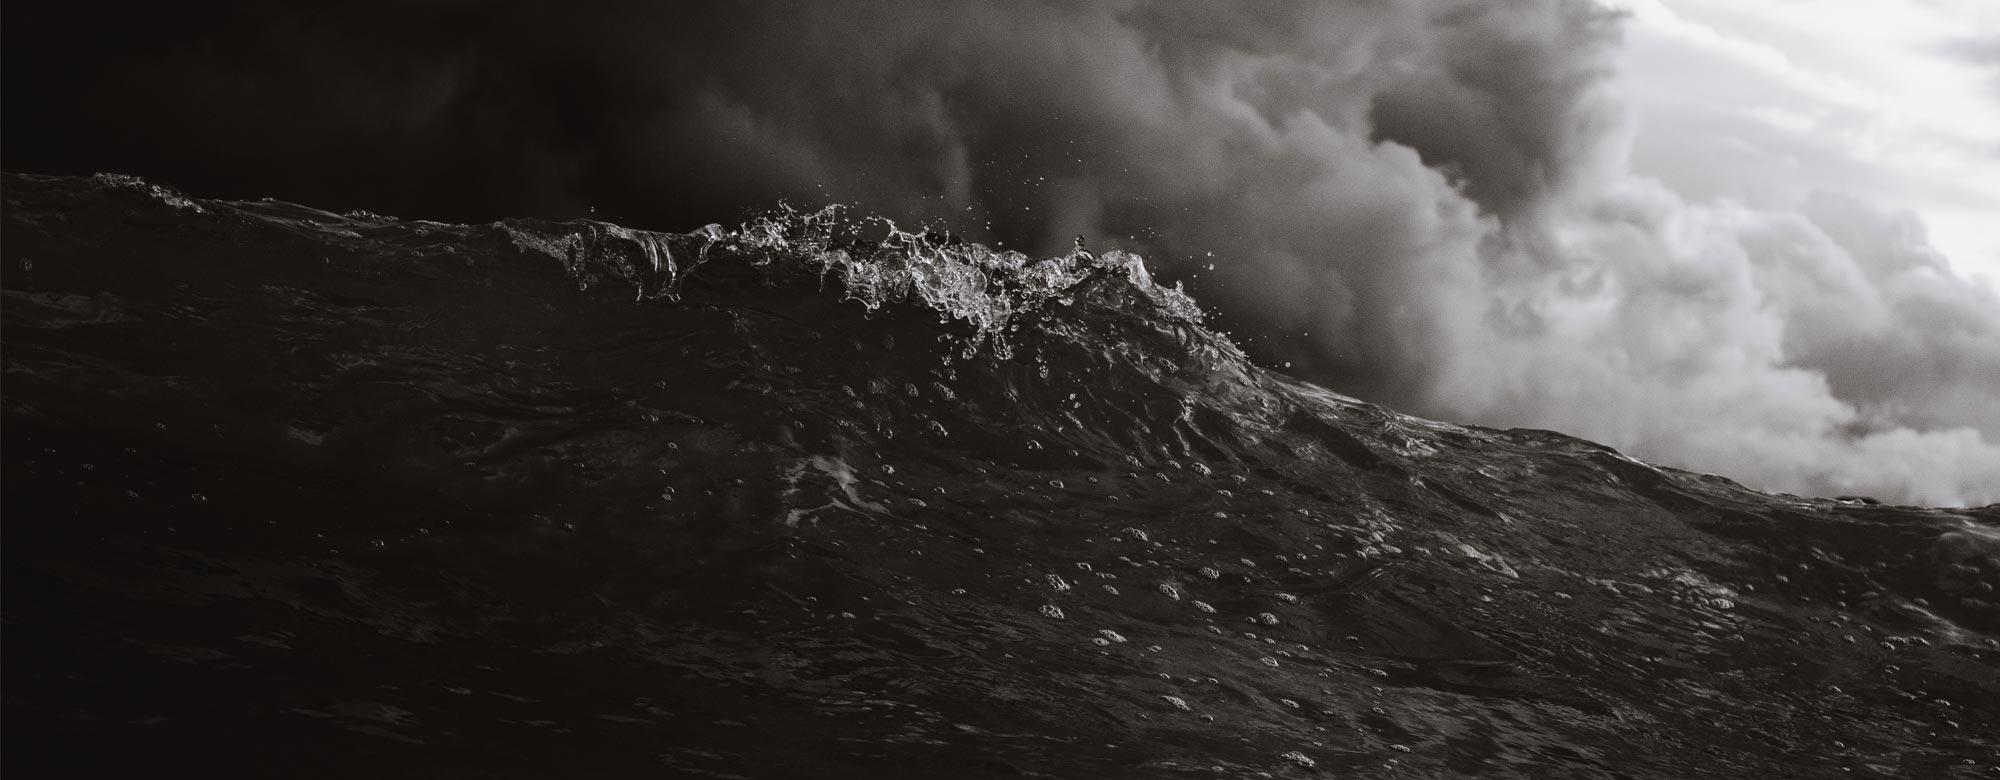 Agências digitais: entenda o que é onda e o que é tsunami